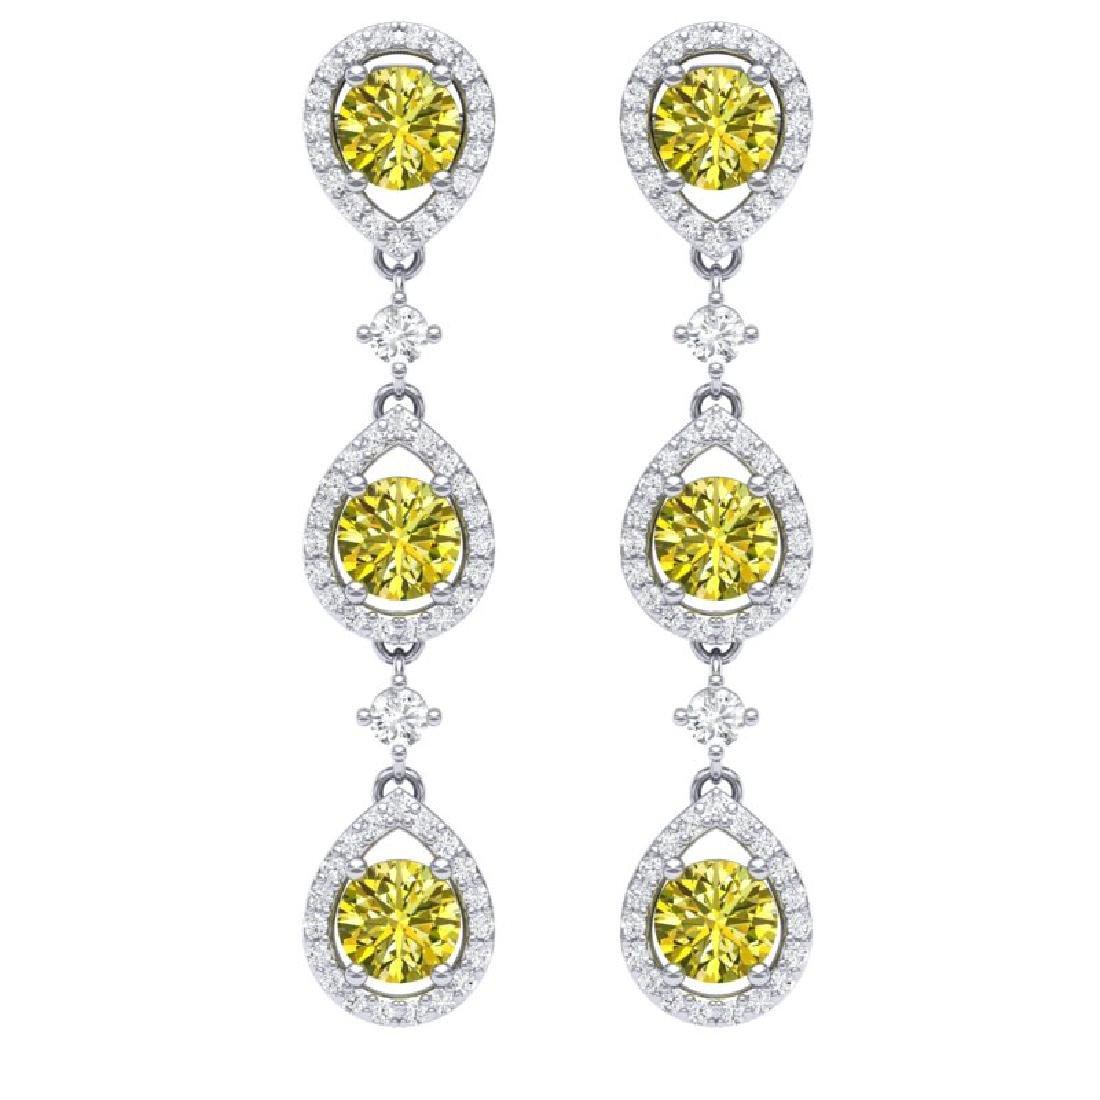 5.11 CTW Fancy Yellow SI Diamond Earrings 18K White